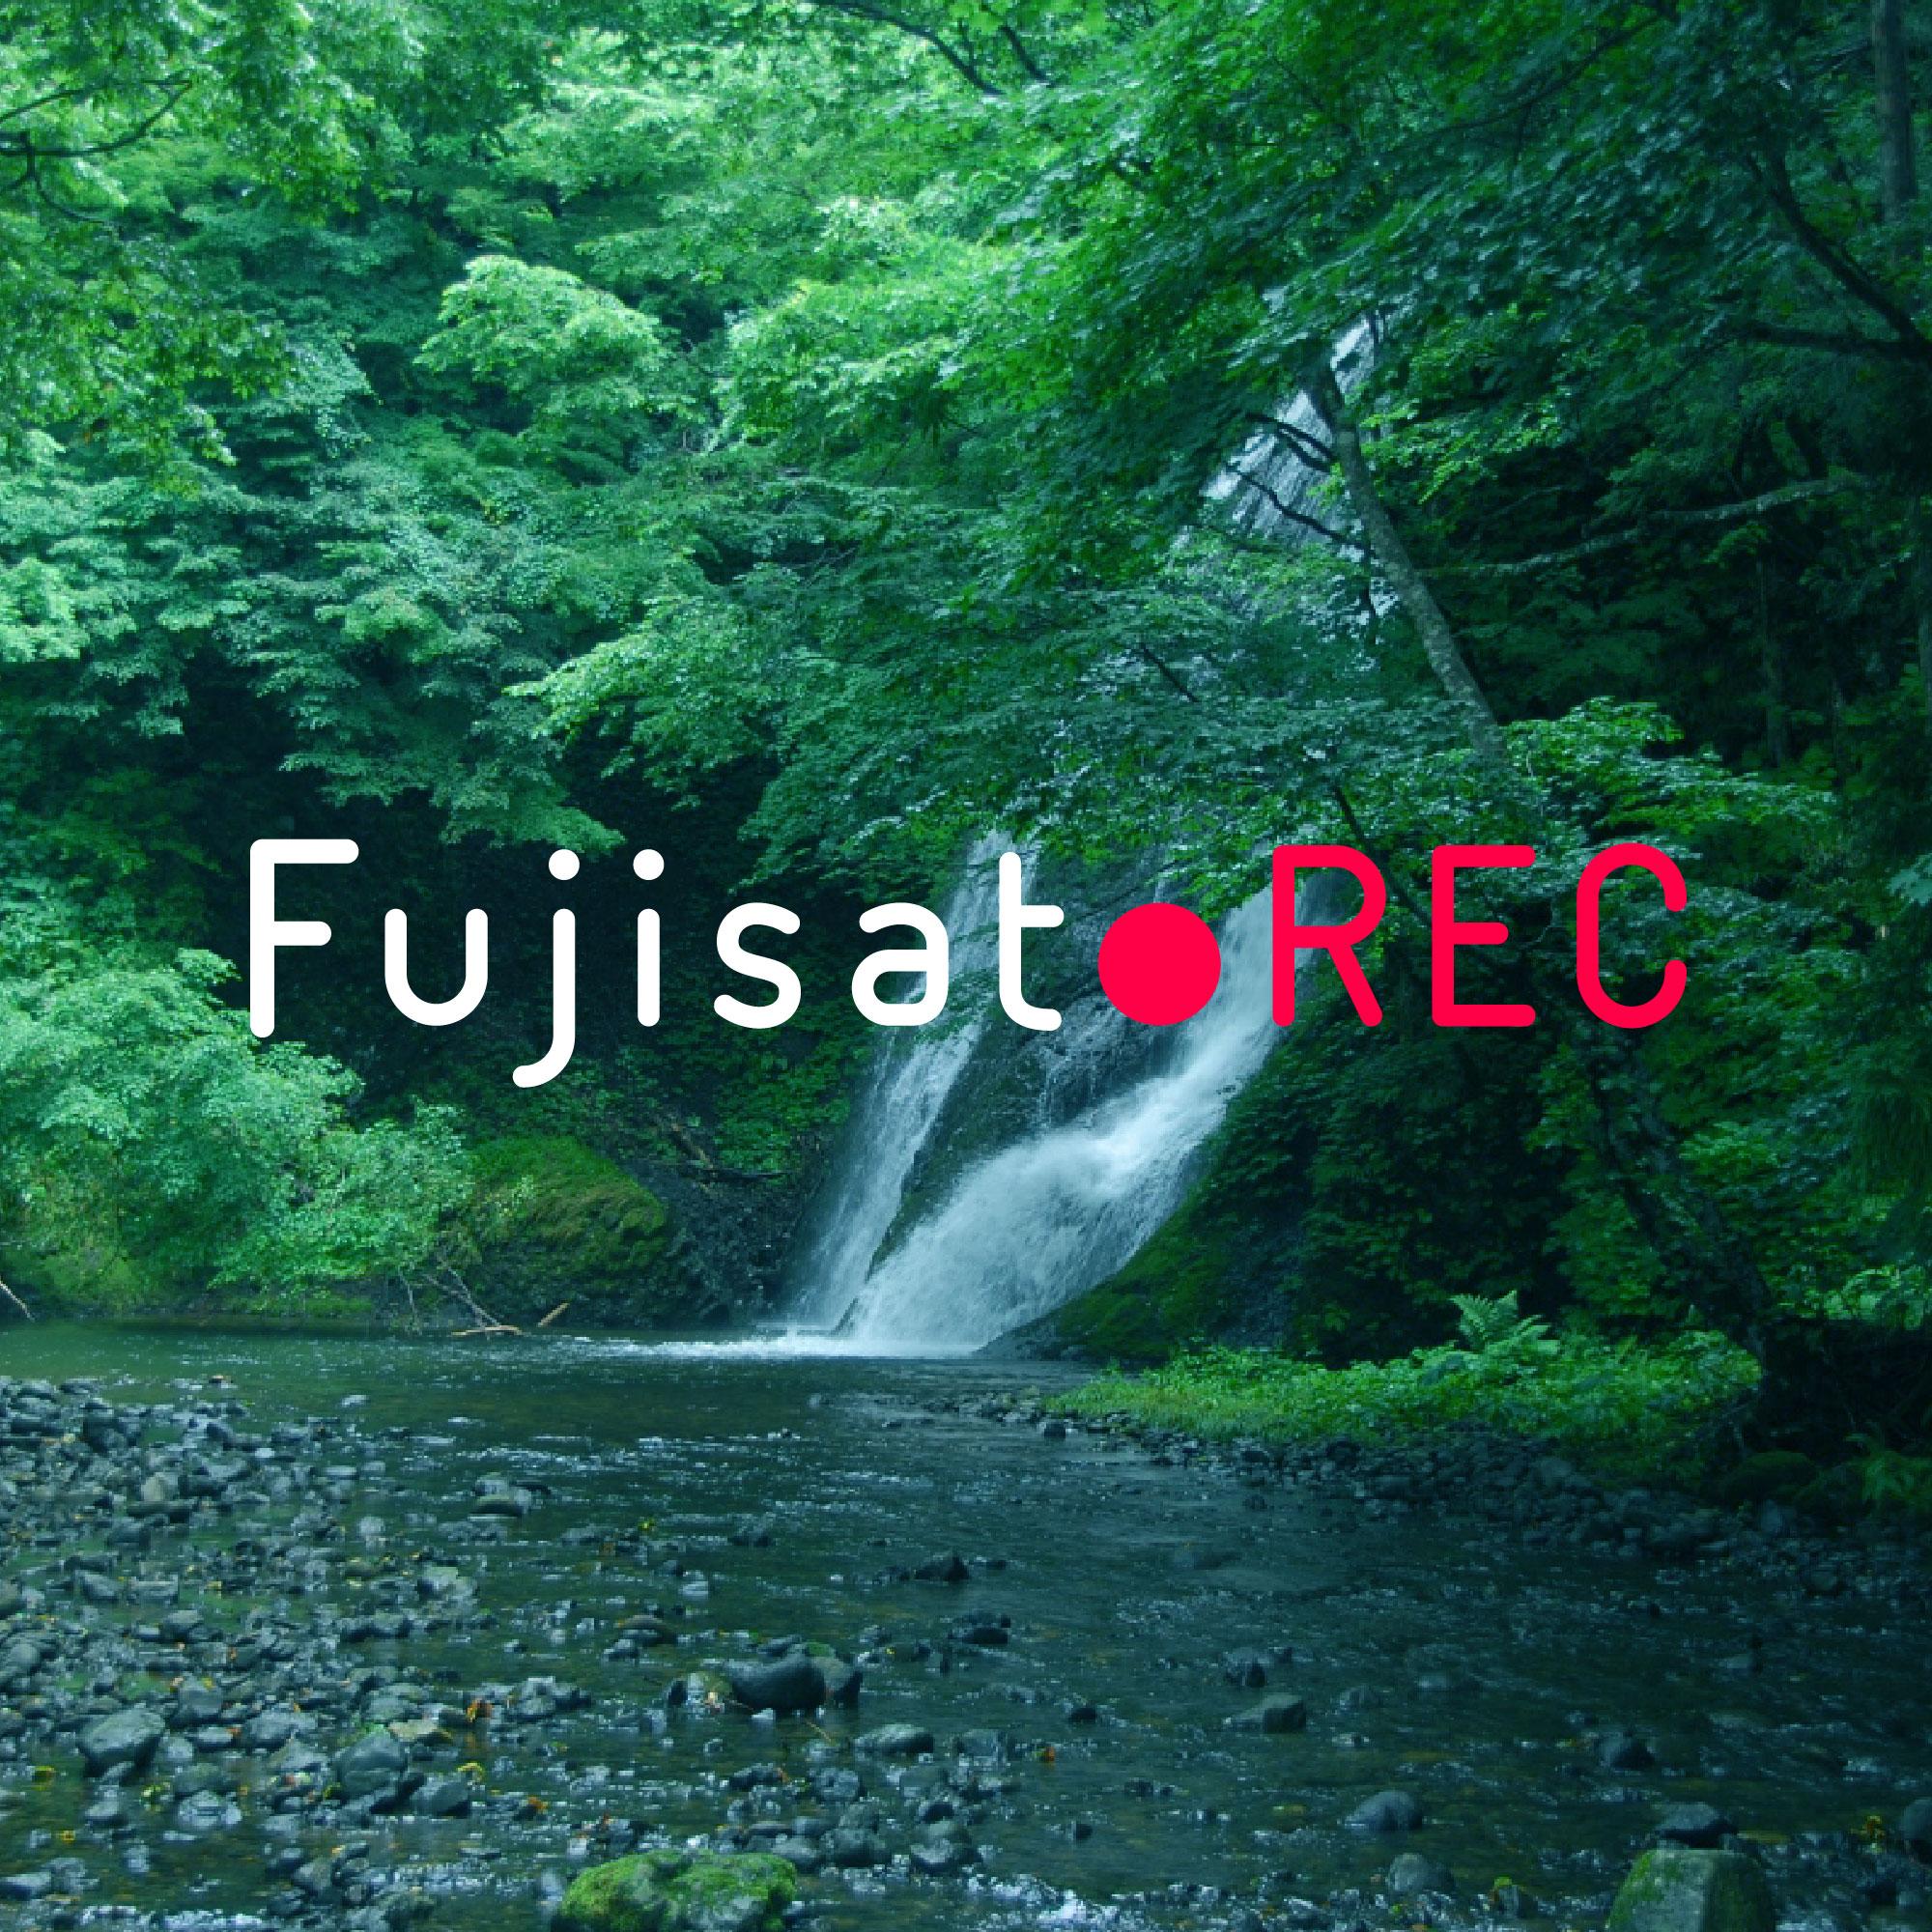 fujisatorec_logo